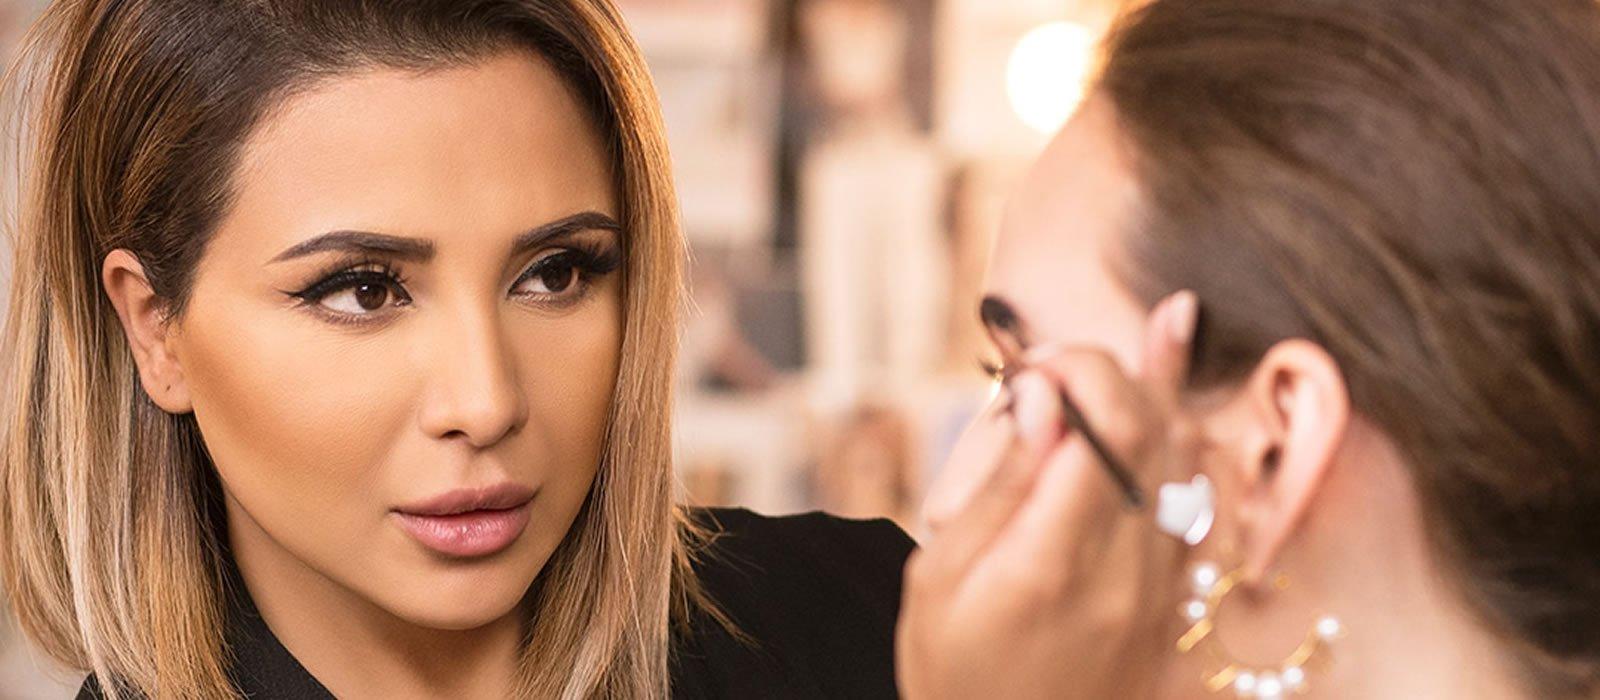 Makeup Course Dubai | Nina Ubhi Training